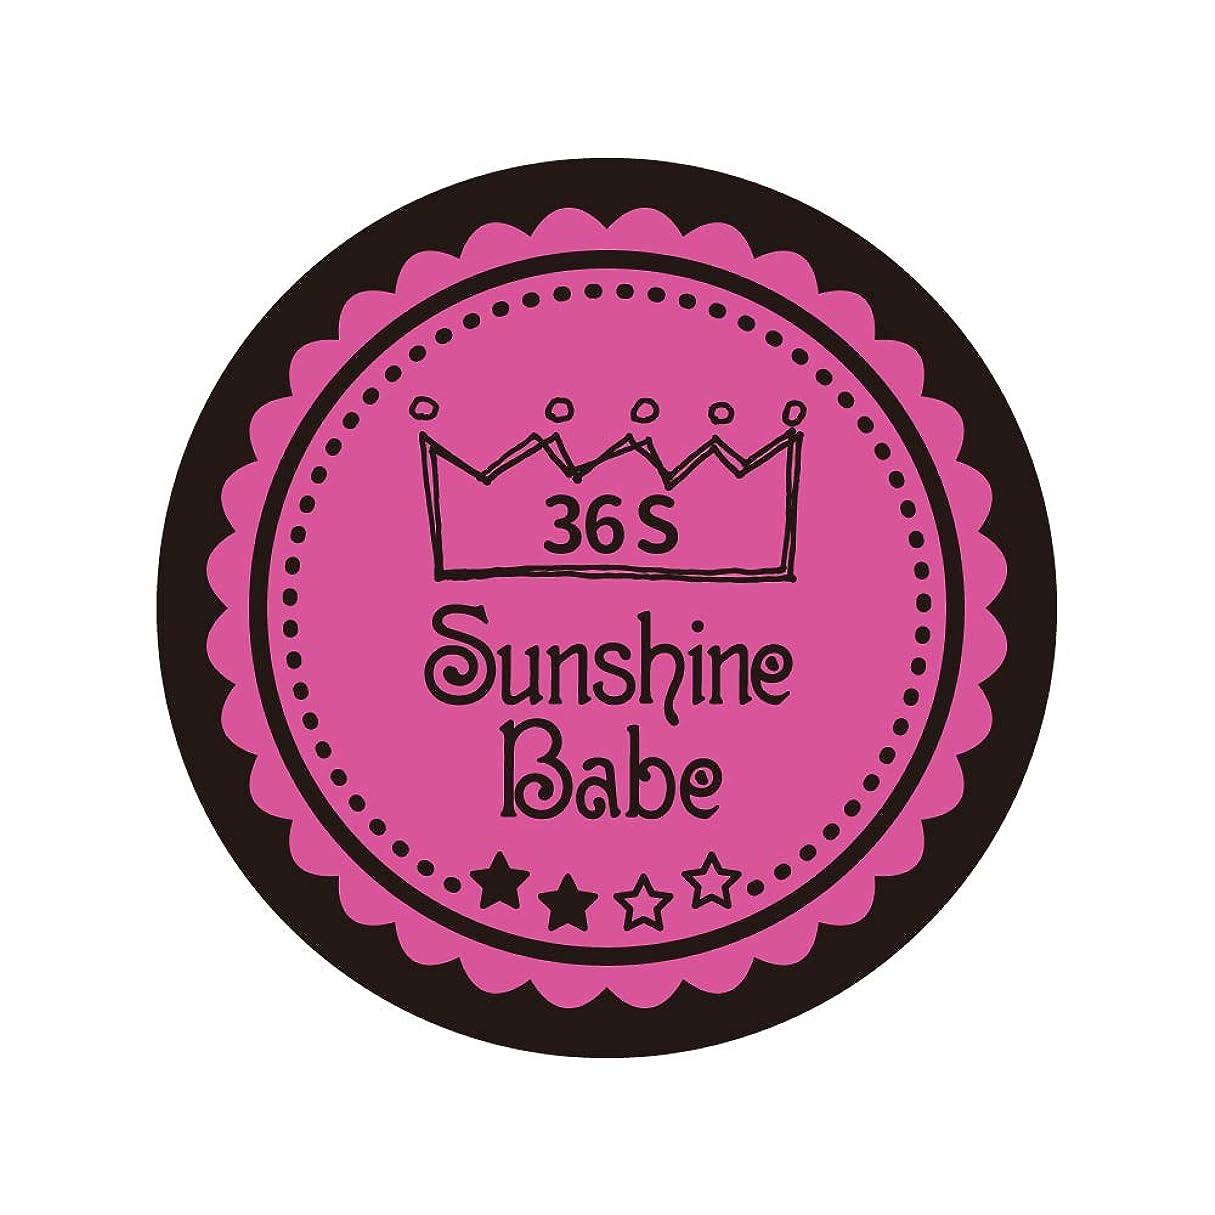 踏み台旅行者フォーマットSunshine Babe カラージェル 36S クロッカスピンク 2.7g UV/LED対応